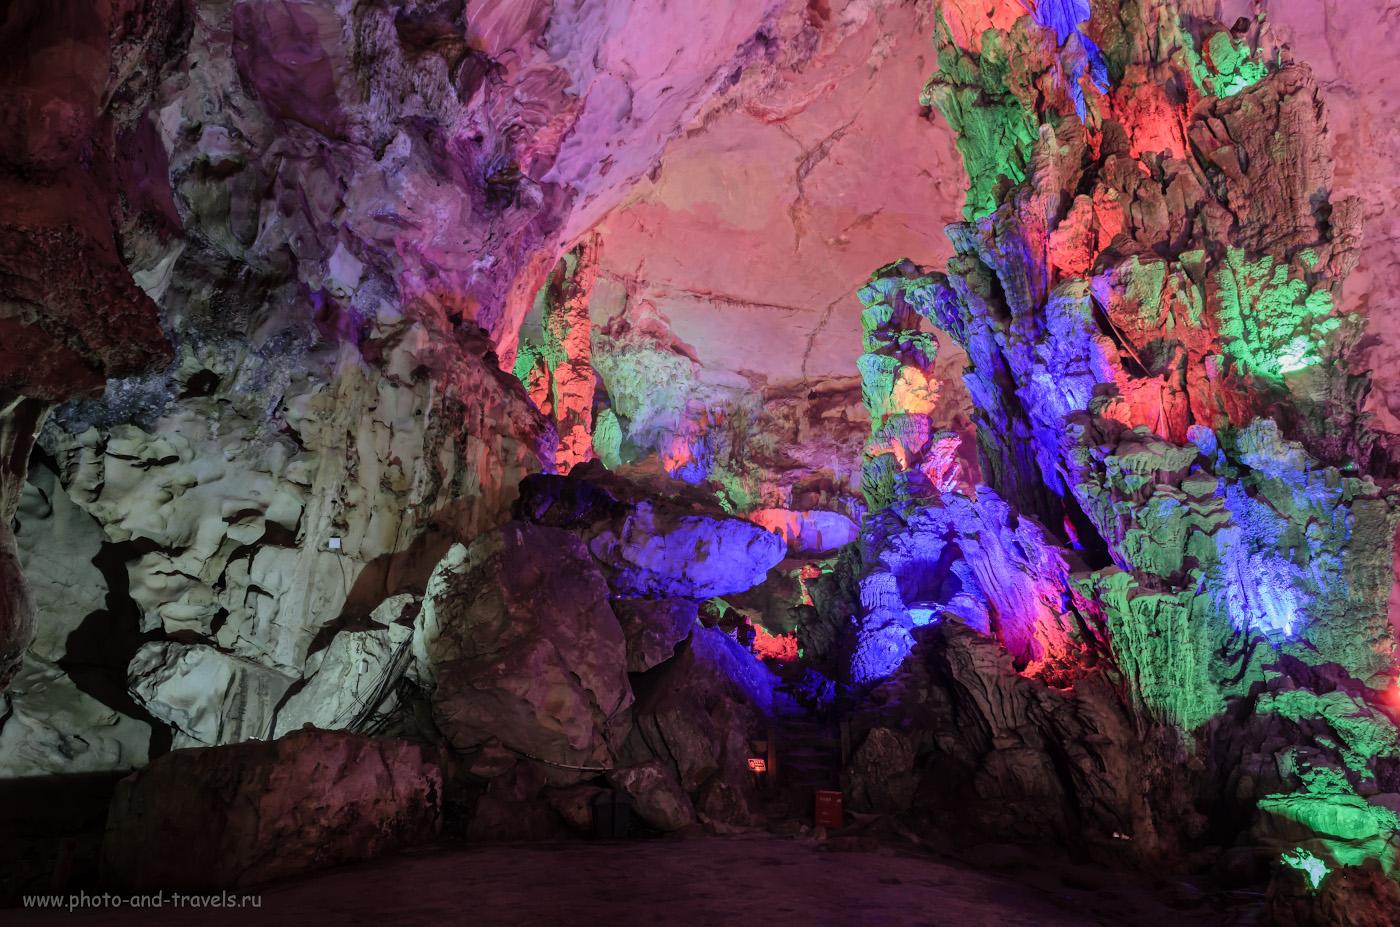 9. Сказка в пещере Guanyan. Самостоятельная поездка в Гуйлинь на Юго-Востоке Китая. 2.5, 8.0, 400, 17.